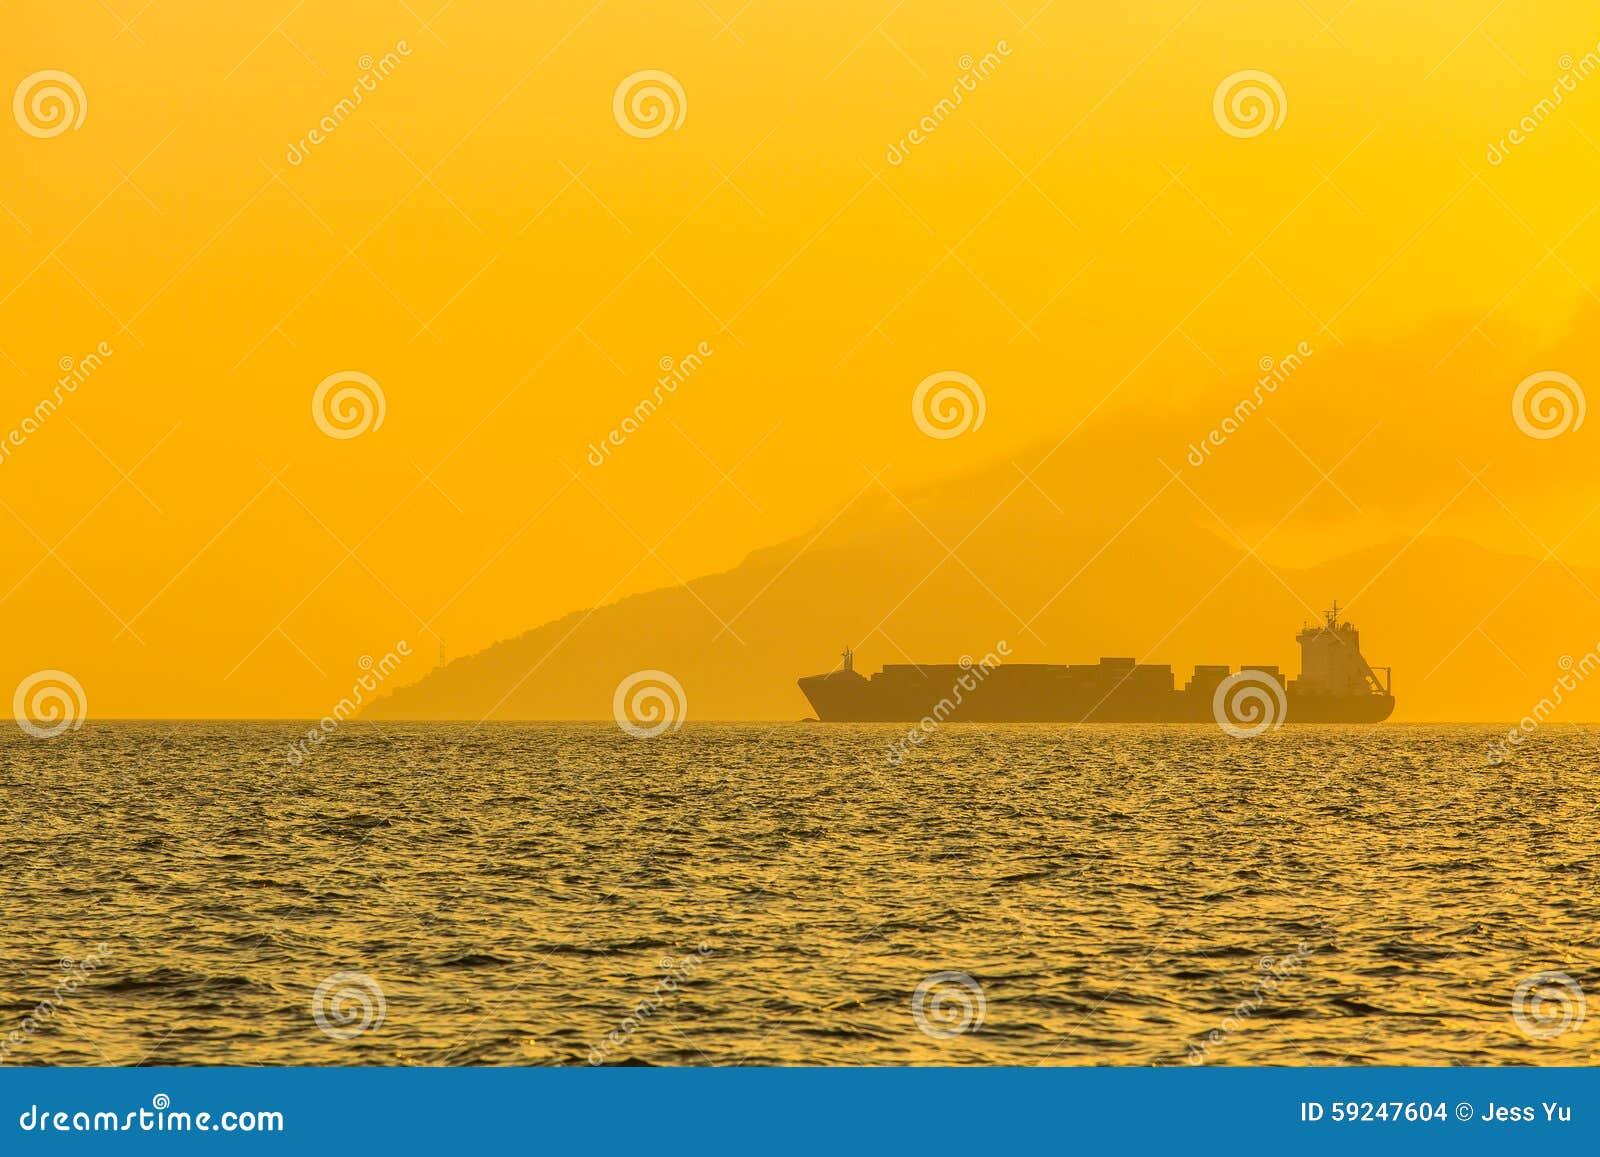 Buque de carga en el mar en la puesta del sol